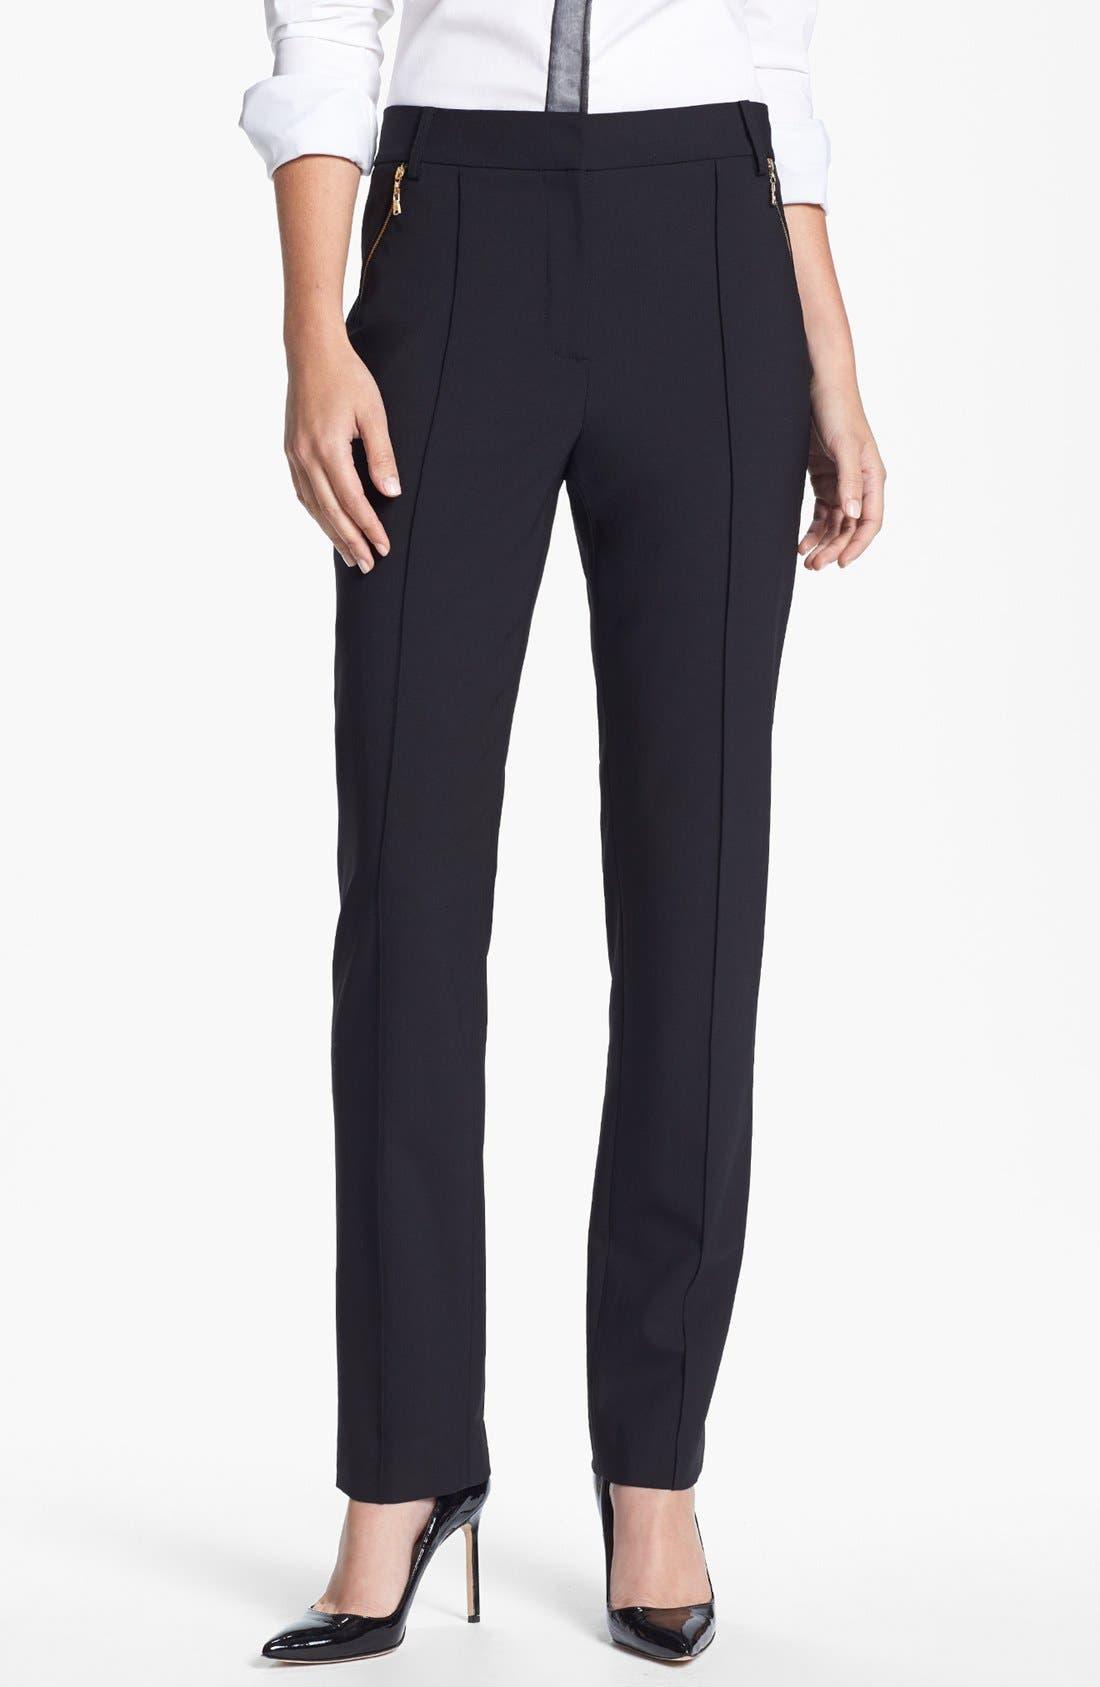 Alternate Image 1 Selected - Rachel Roy Zip Pocket Trousers